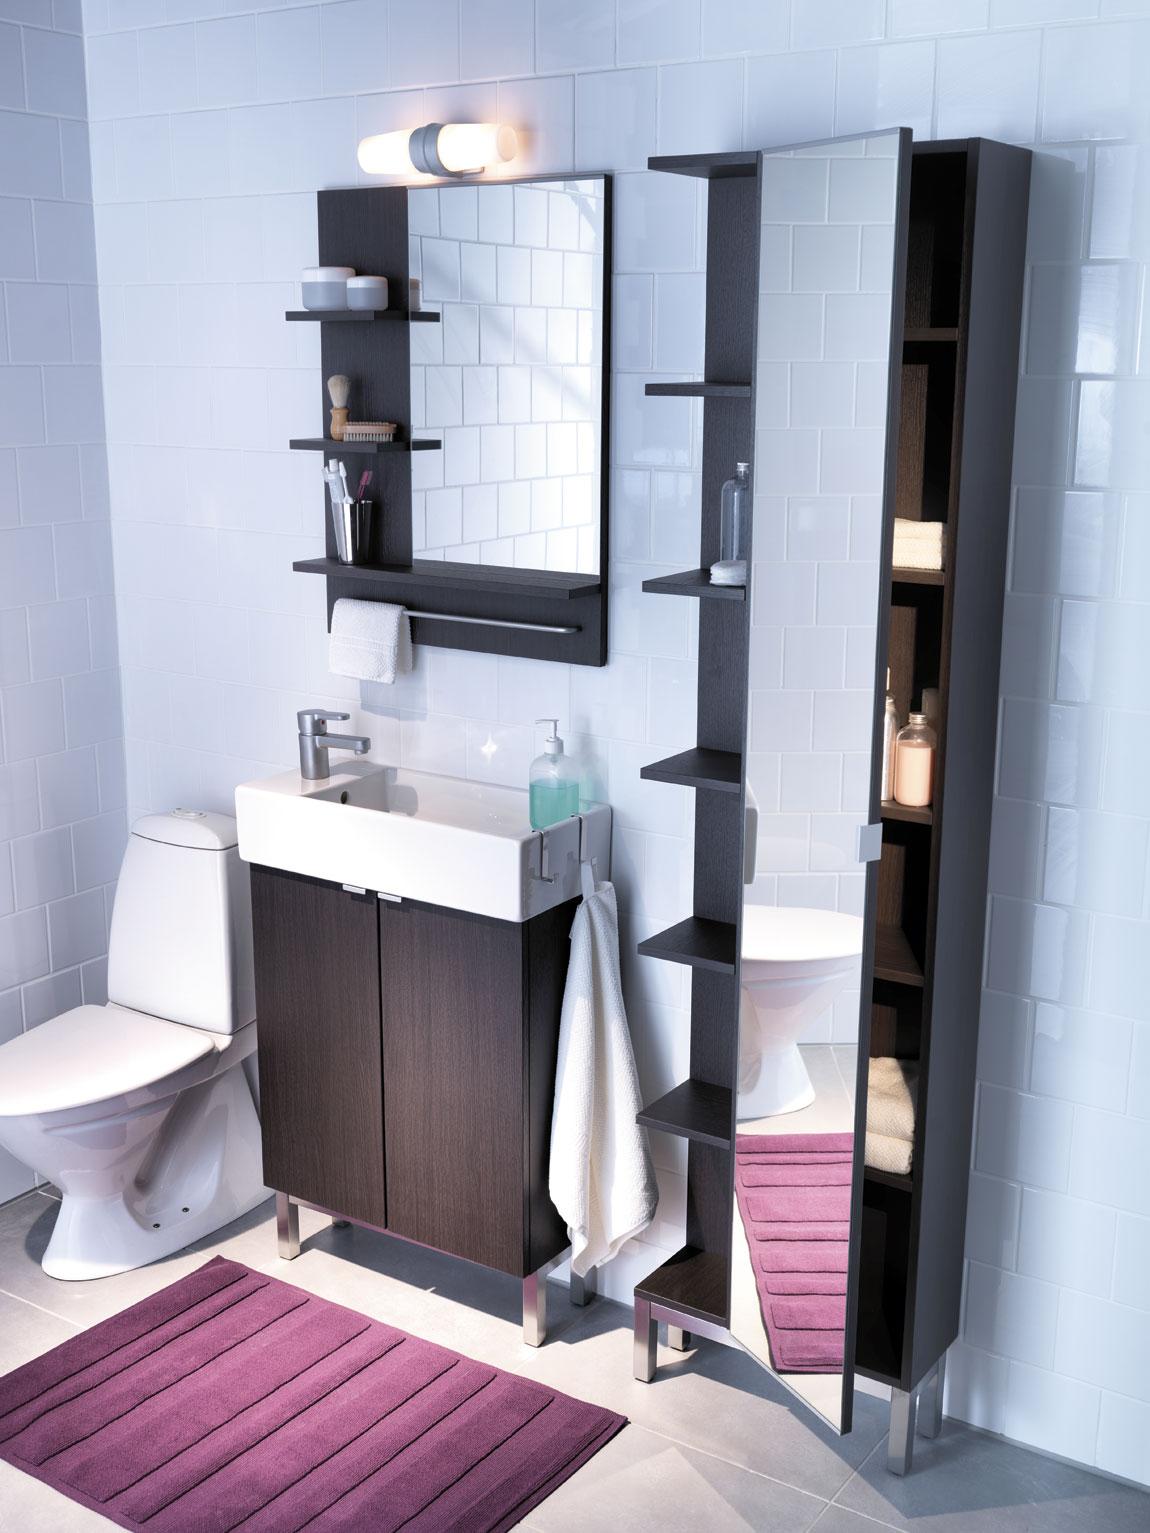 Ikea banos 1 for Iluminacion bano ikea